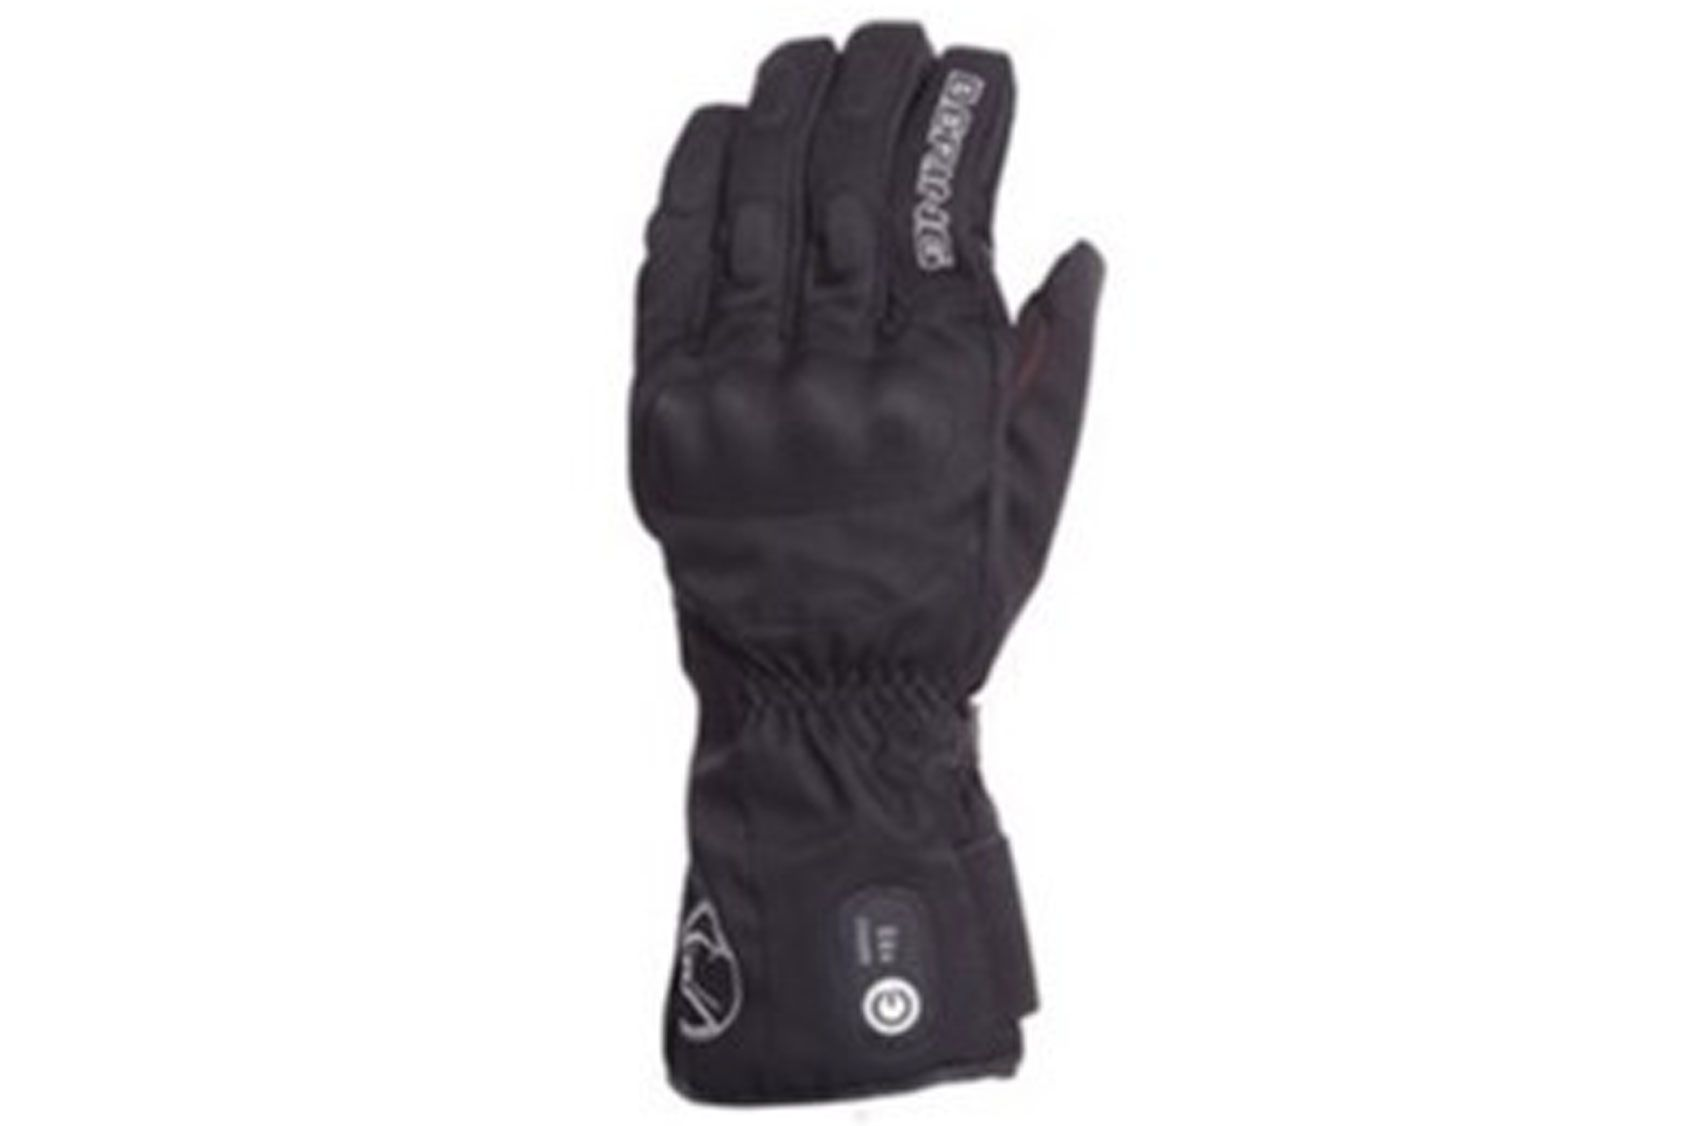 Bering rappelle des gants de moto défectueux